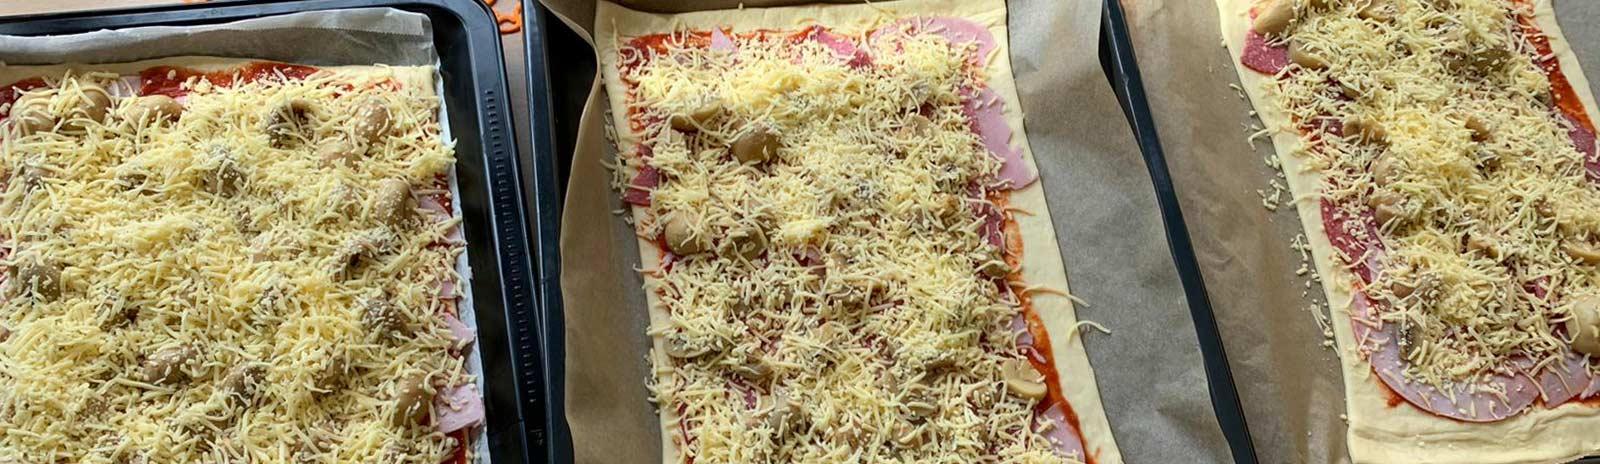 Haus-Göttschied_Pizza_slider